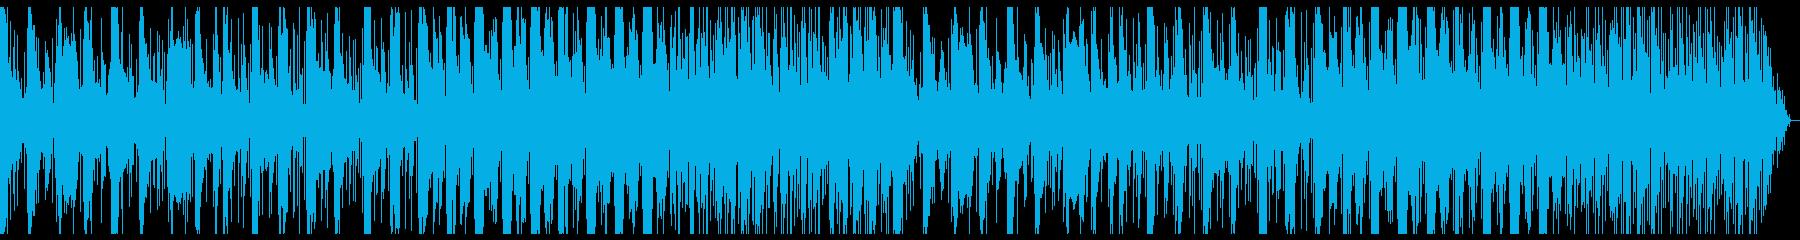 純和風な琴+エレクトロニカの再生済みの波形